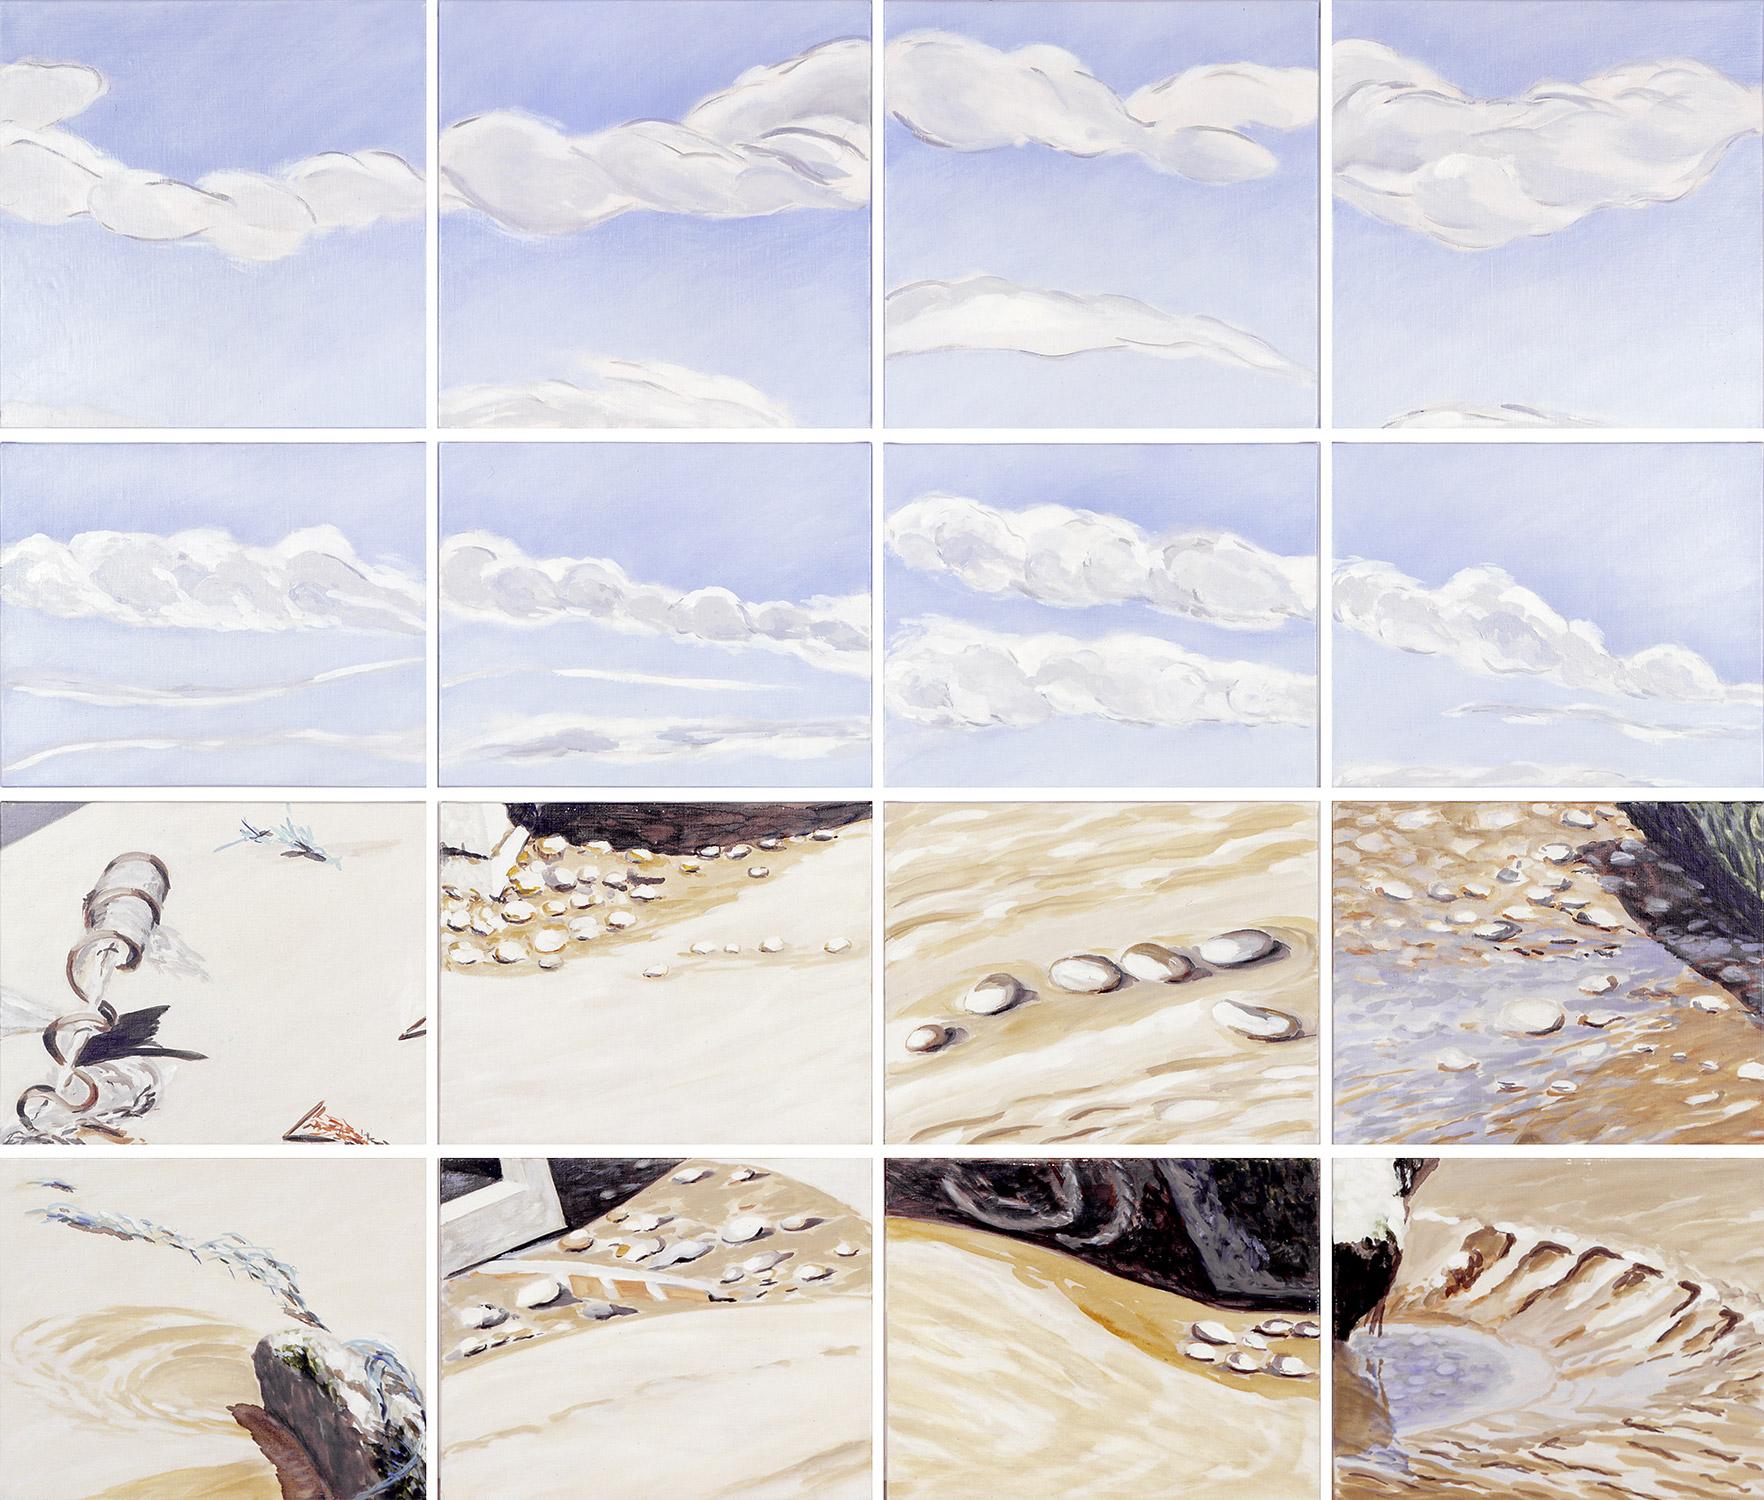 Le ciel et la terre Nº2, 2001